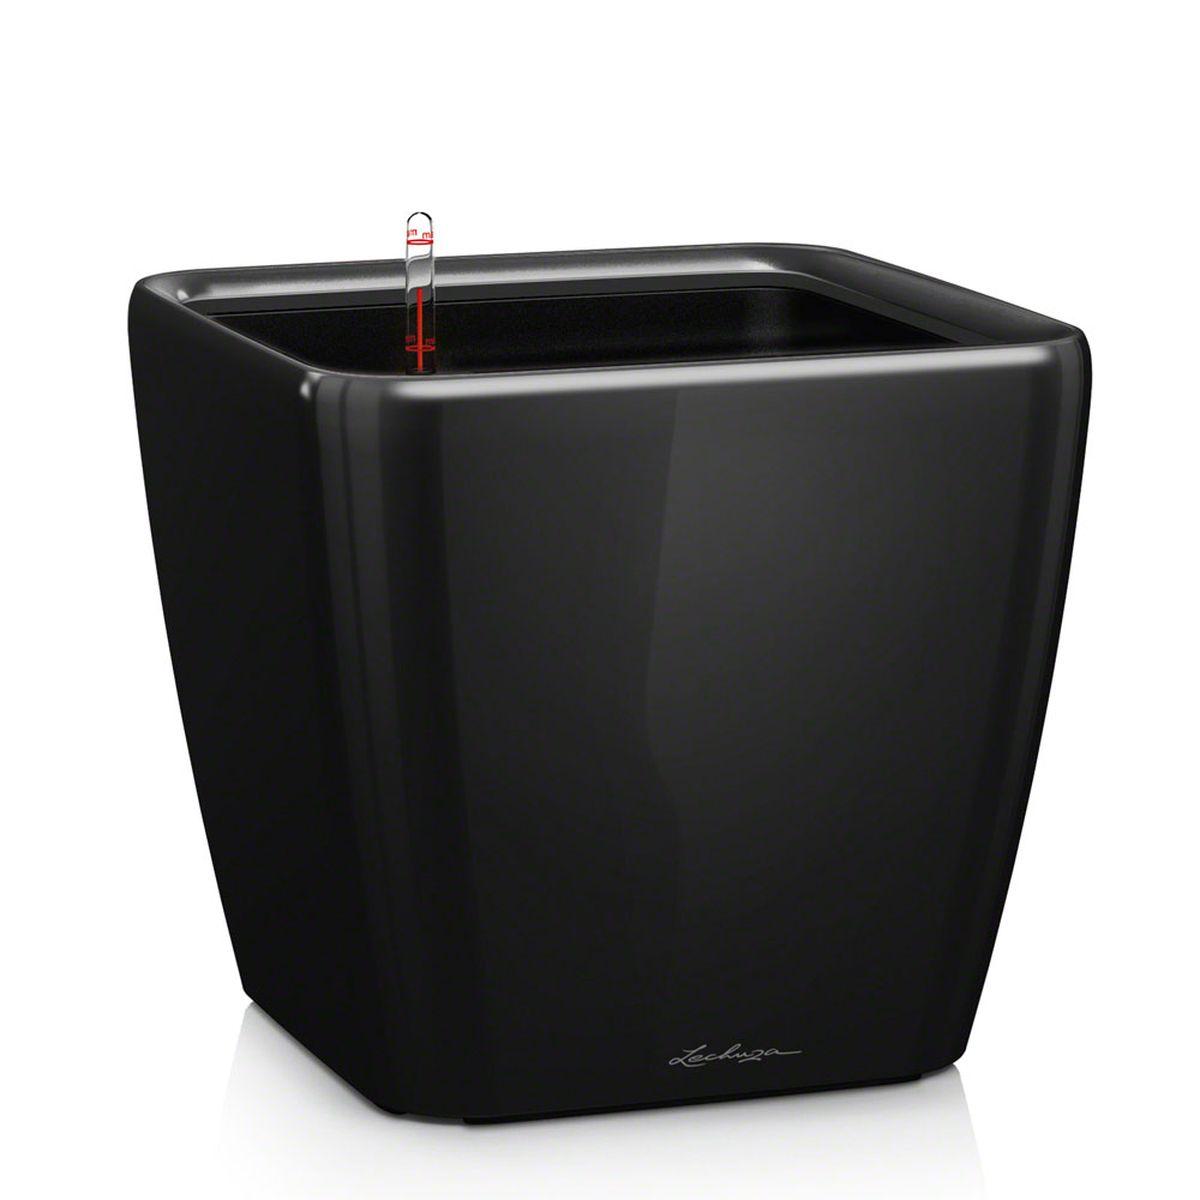 Кашпо Lechuza Quadro, с системой автополива, цвет: черный, 21 х 21 х 20 см16129Кашпо Lechuza Quadro, выполненное из высококачественного пластика, имеет уникальную систему автополива, благодаря которой корневая система растения непрерывно снабжается влагой из резервуара. Уровень воды в резервуаре контролируется с помощью специального индикатора. В зависимости от размера кашпо и растения воды хватает на 2-12 недель. Это способствует хорошему росту цветов и предотвращает переувлажнение.В набор входит: кашпо, внутренний горшок с выдвижной эргономичной ручкой, индикатор уровня воды, вал подачи воды, субстрат растений в качестве дренажного слоя, резервуар для воды.Кашпо Lechuza Quadro прекрасно впишется в любой интерьер. Оно поможет расставить нужные акценты, а также придаст помещению вид, соответствующий вашим представлениям.